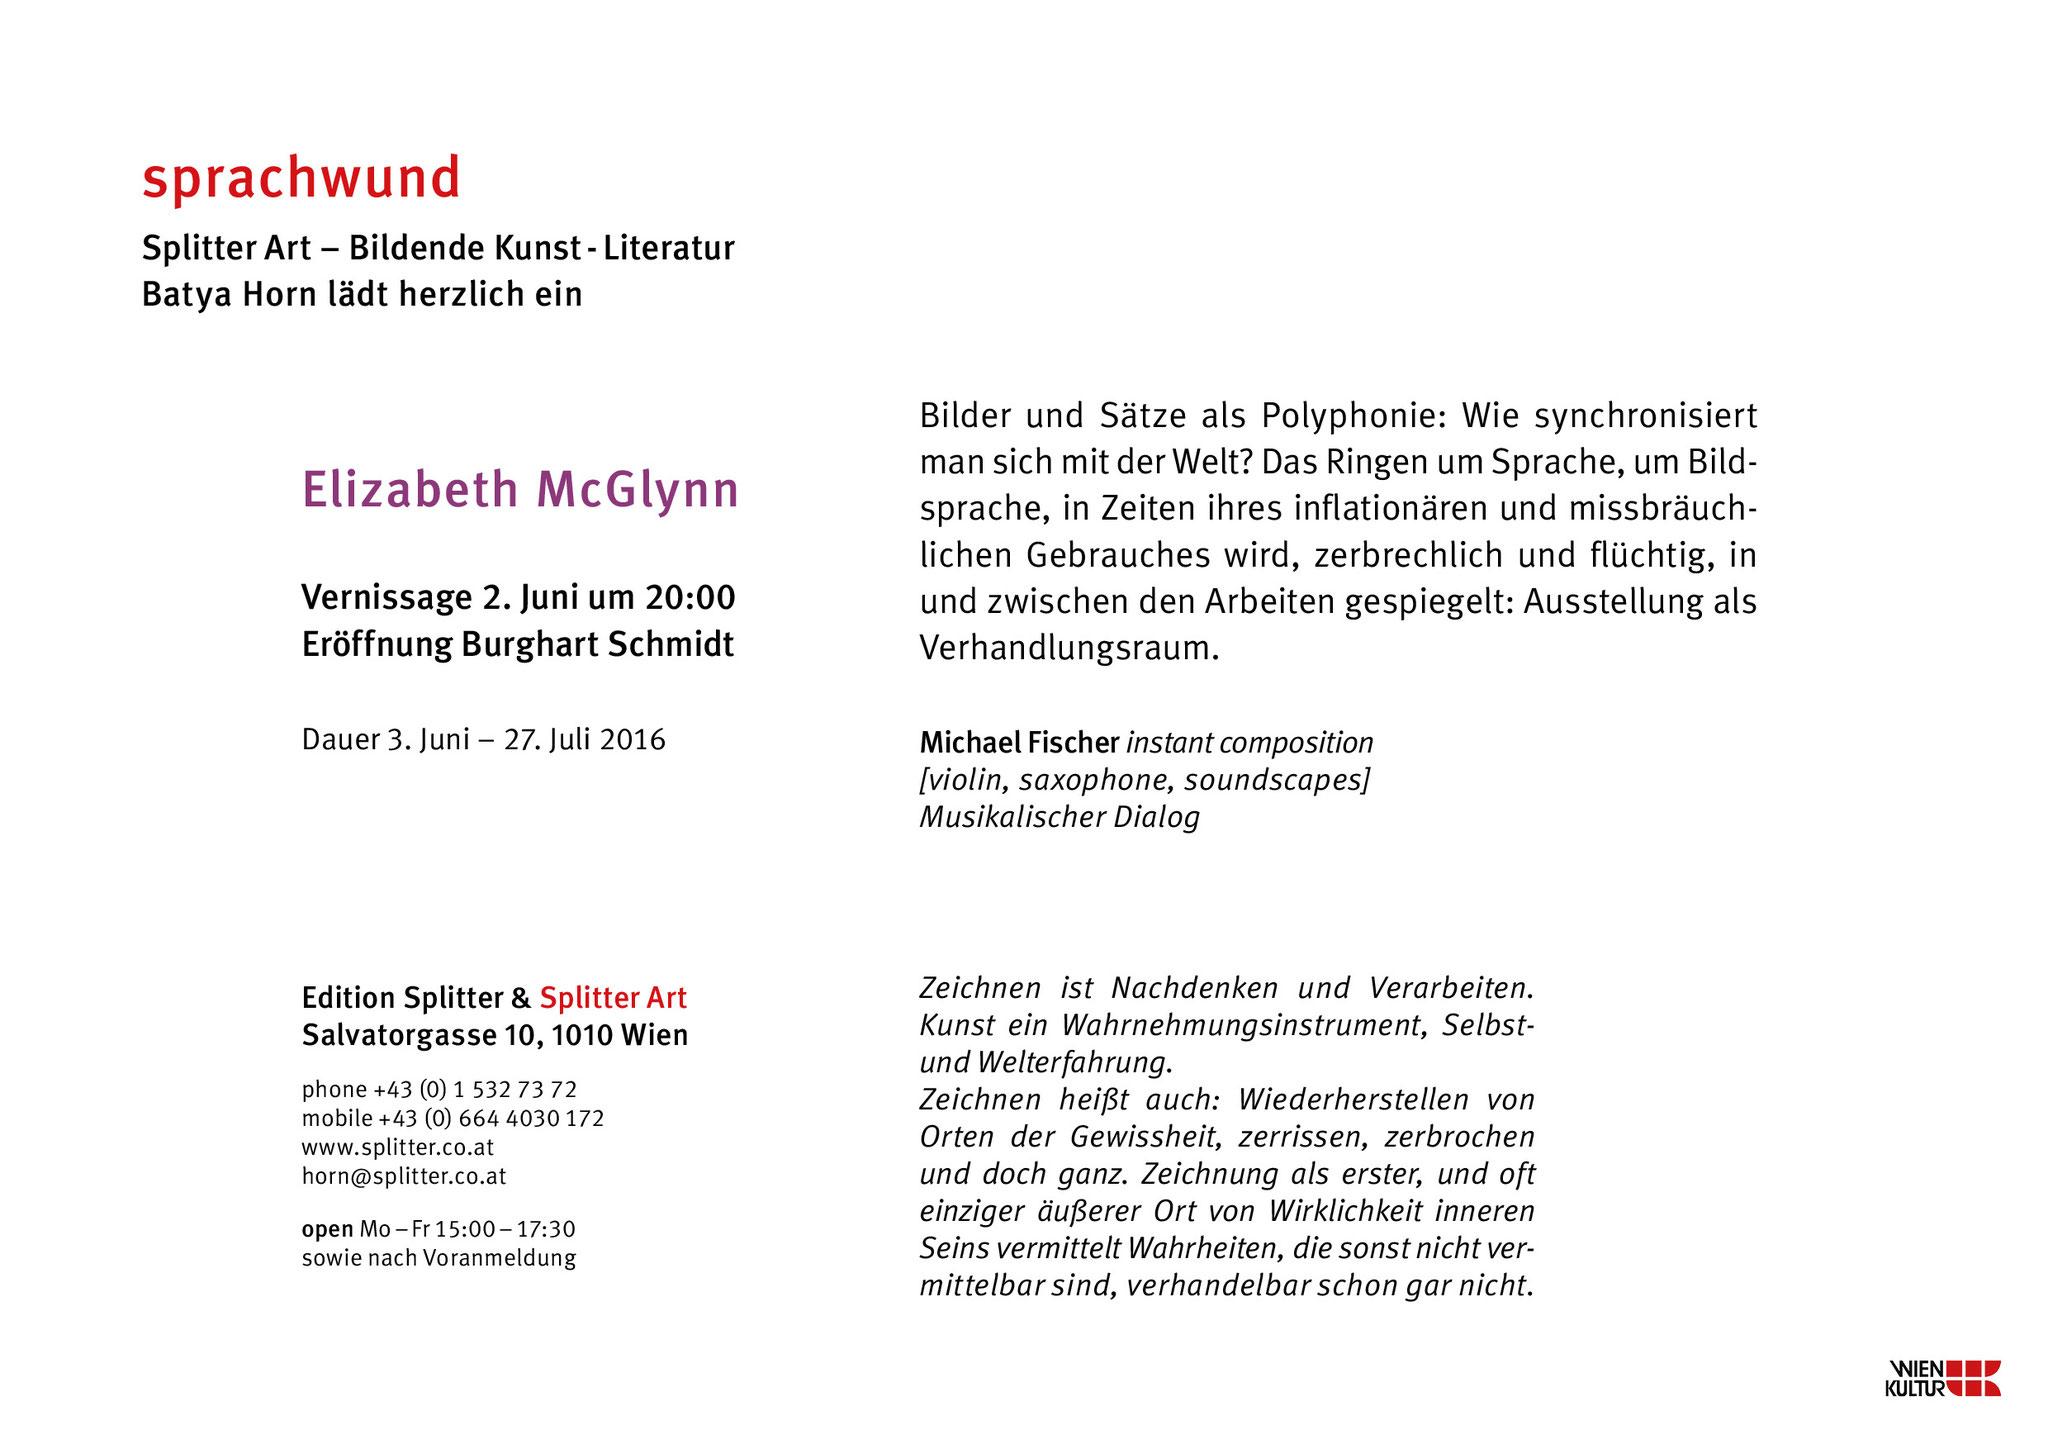 sprachwund -Elizabeth McGlynn